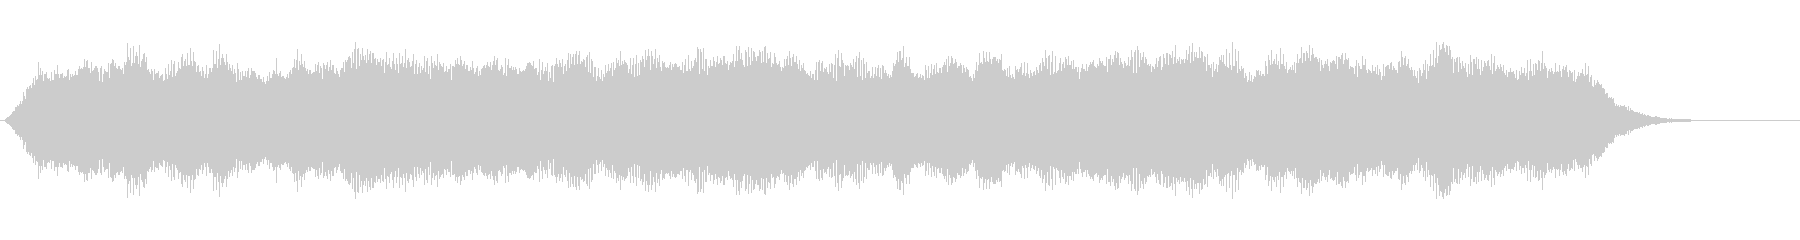 音楽:不気味な持続パイプオルガンコード。の未再生の波形